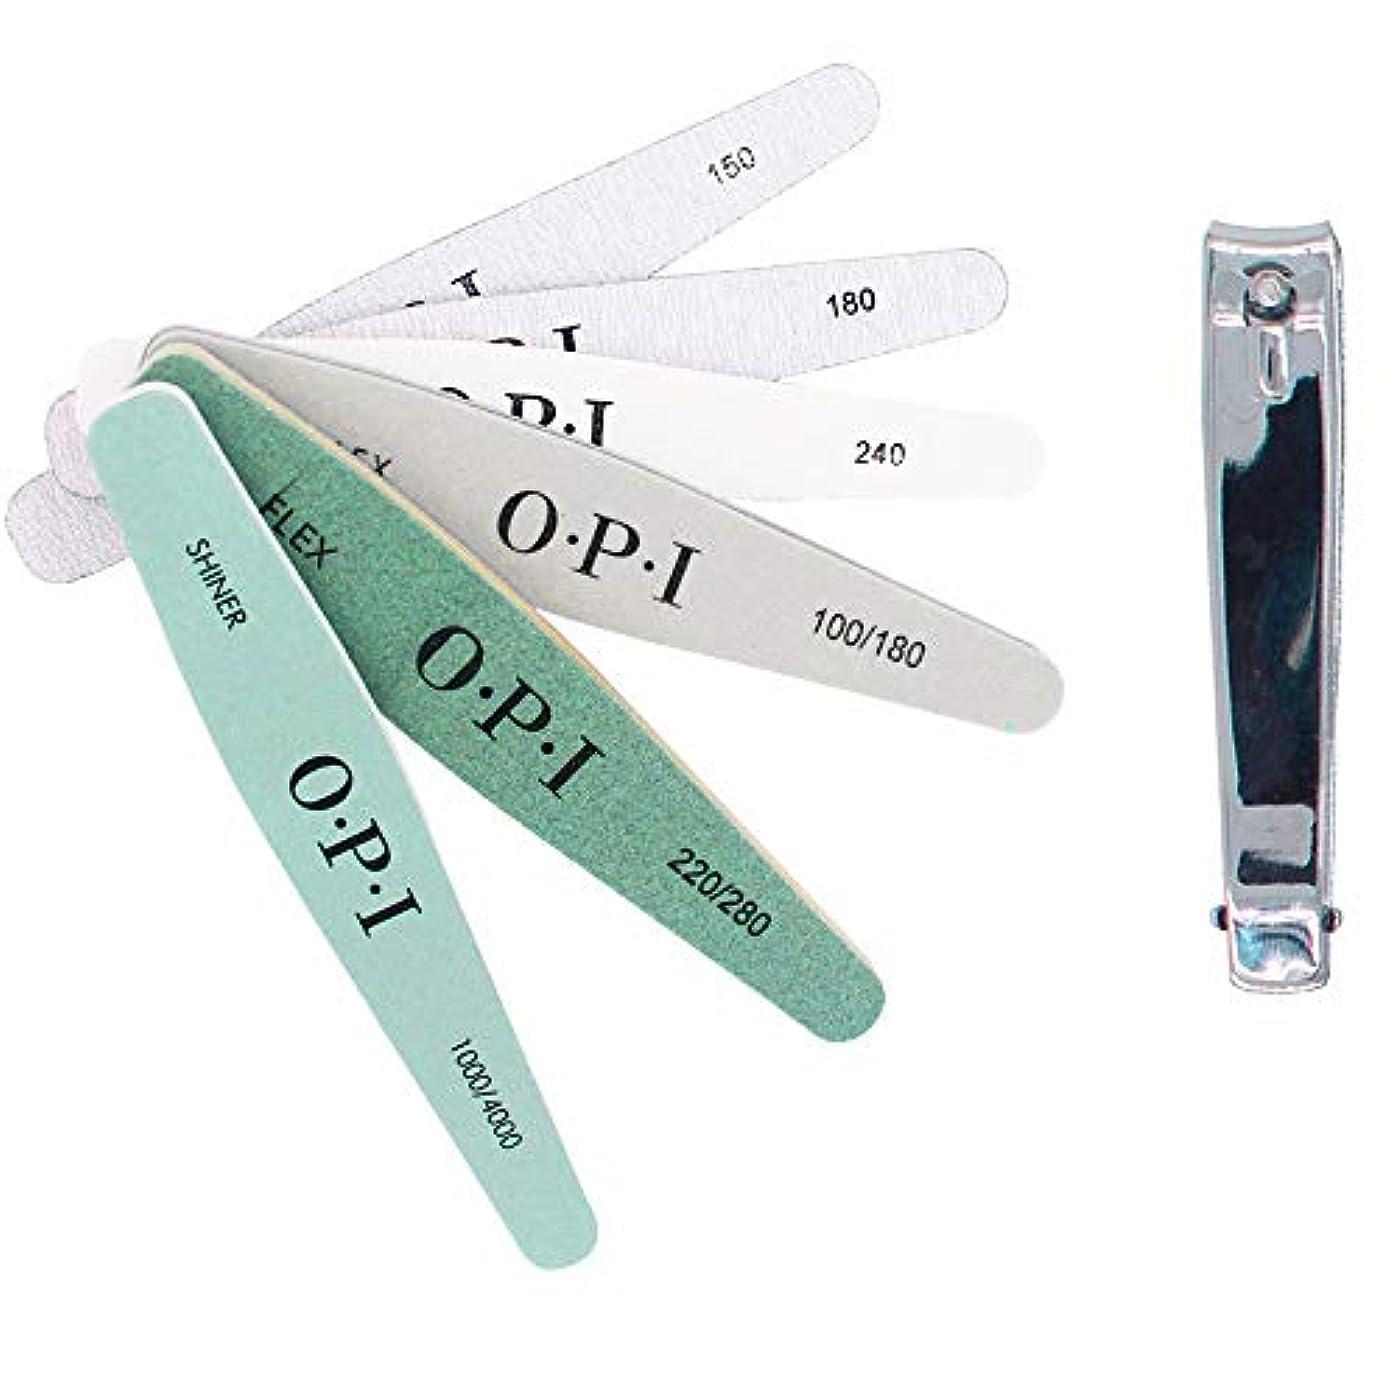 無線重要な役割を果たす、中心的な手段となるみKINYOOOスポンジファイル、爪やすり、ネイルをつやつやに、のネイルツール、 150/180/200/240/280/1000/4000と(1 PCSメタルネイルはさみ)、ネイルケア用化粧マニキュアペディキュアセット。